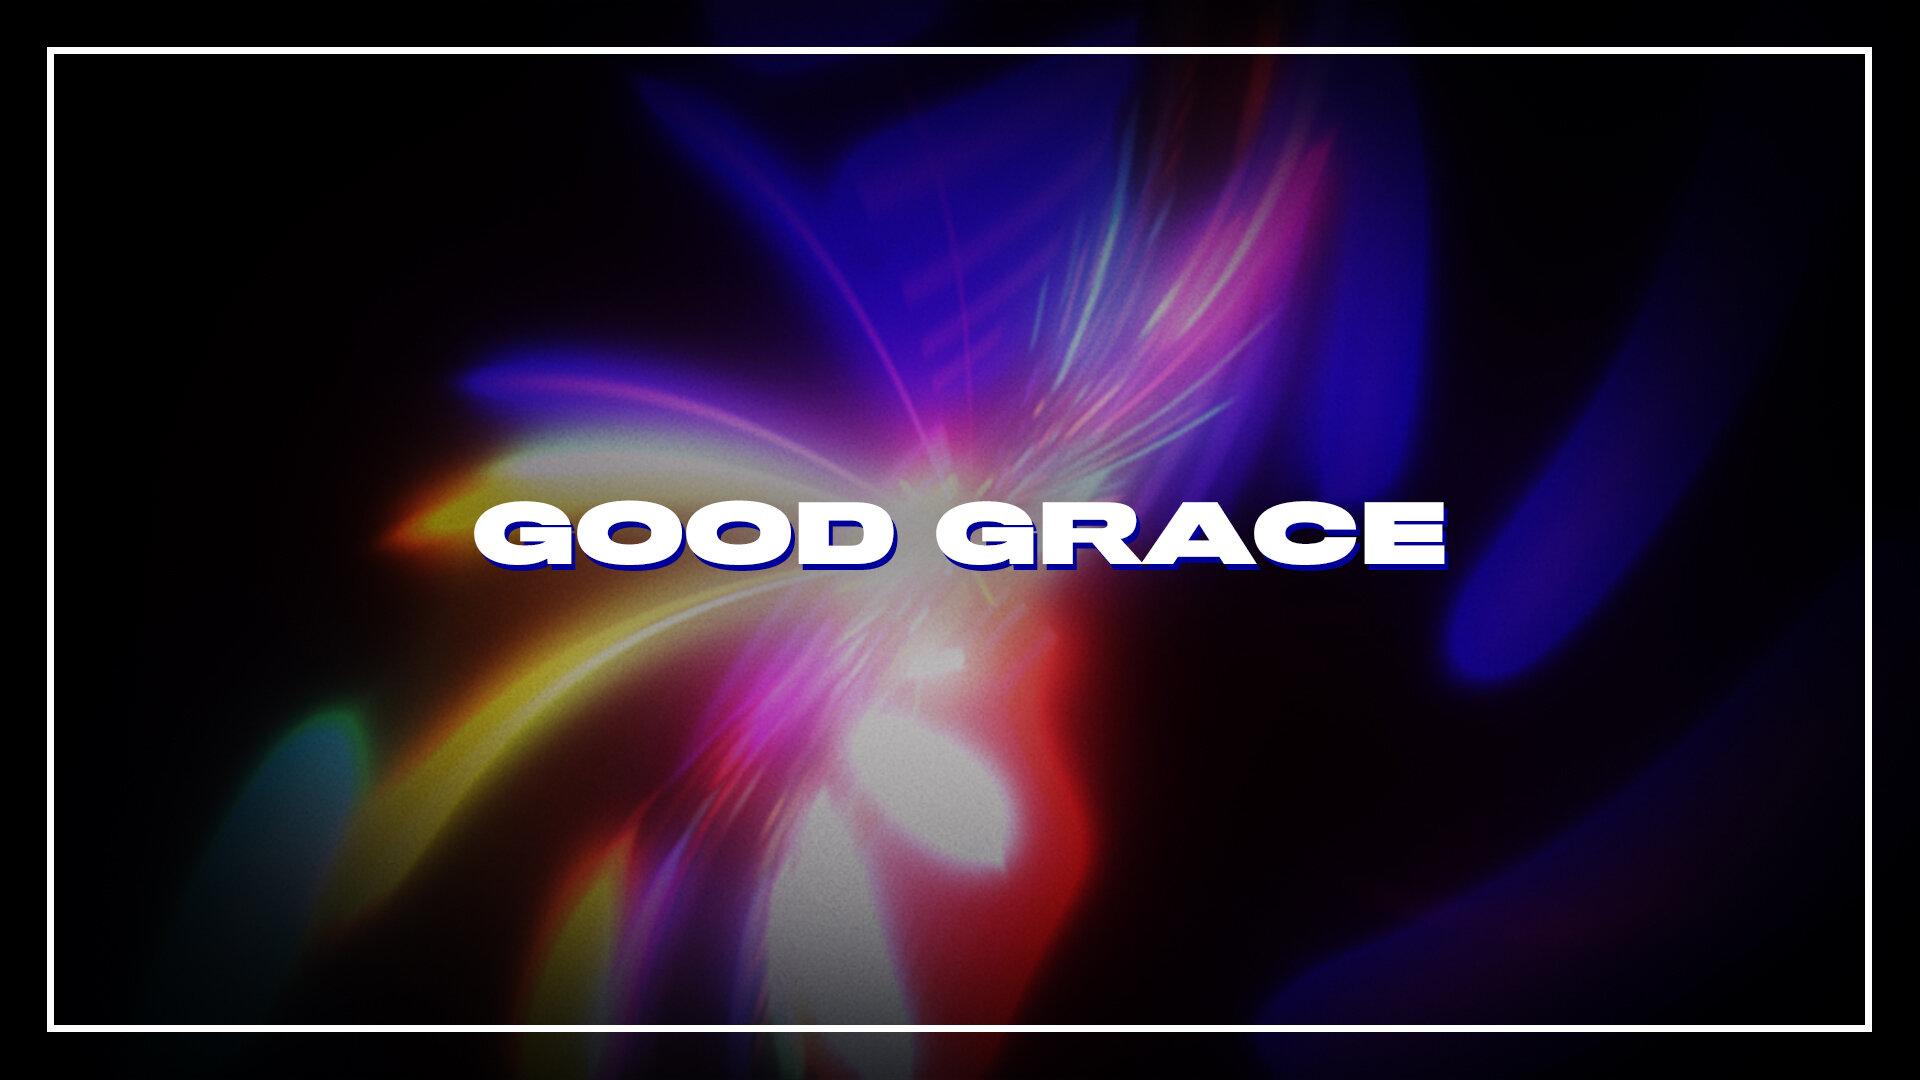 SeeingSounds_GoodGrace_Poster2.jpg